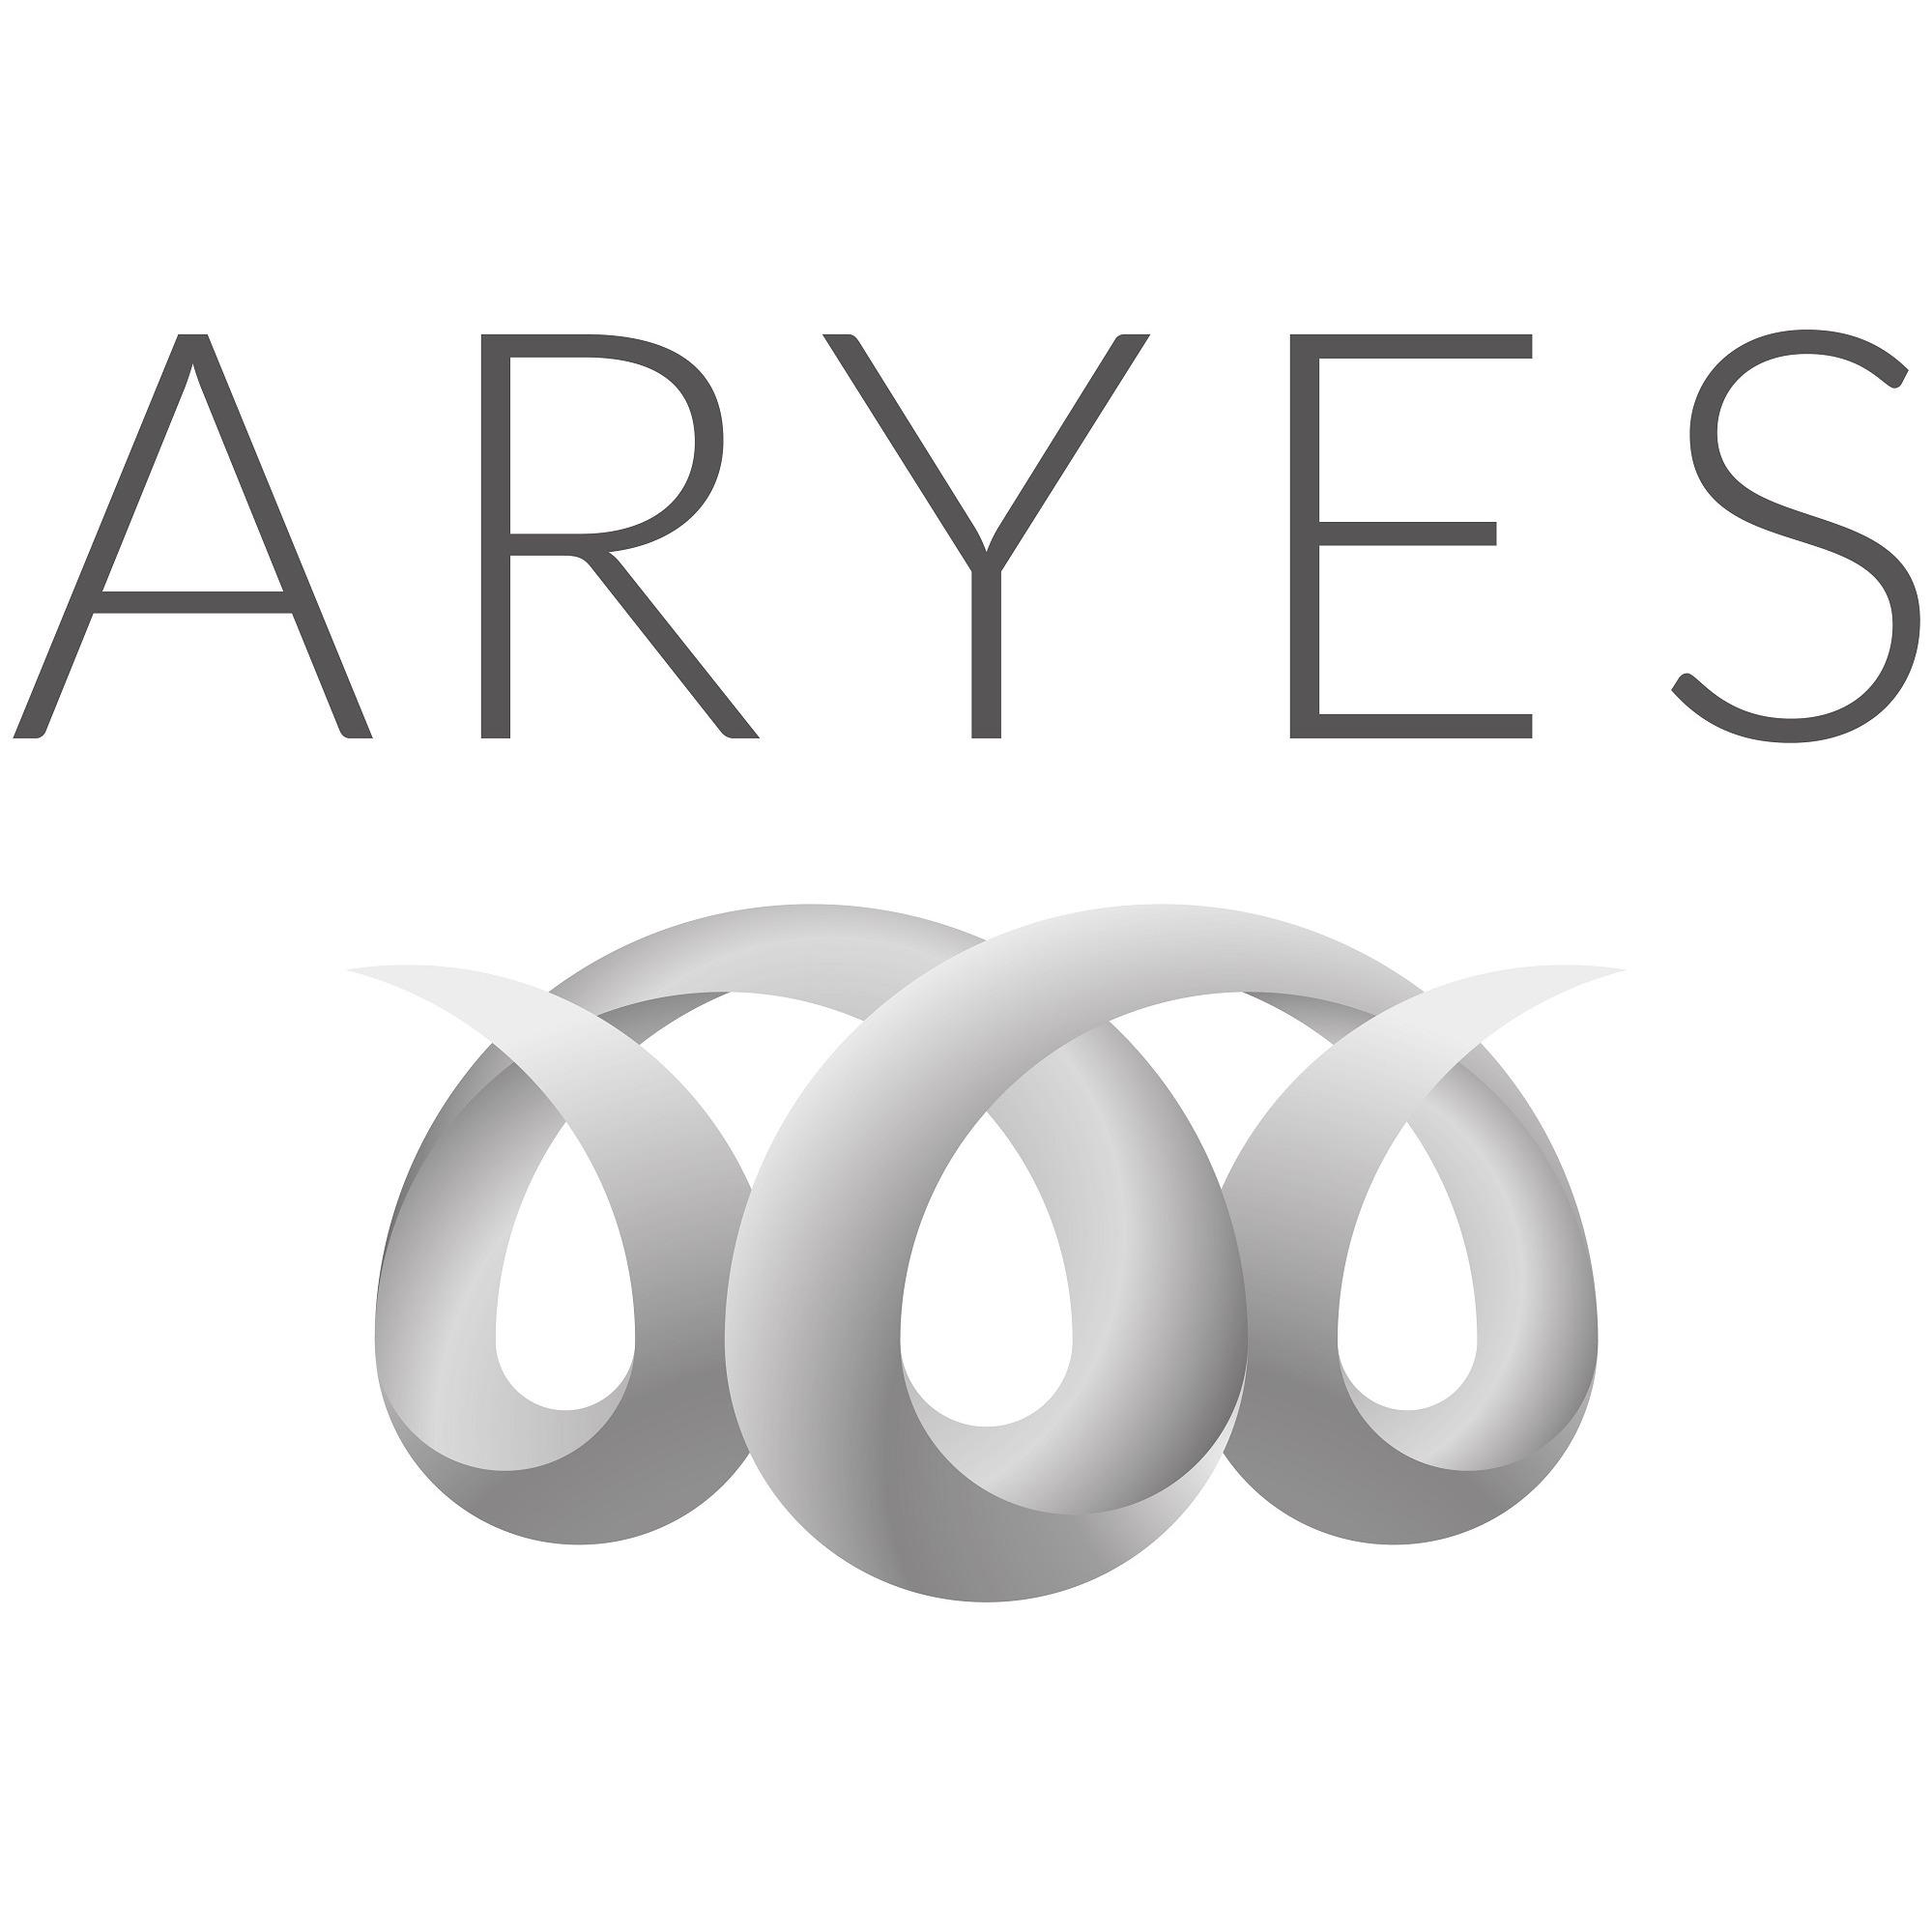 the Aryes logo.